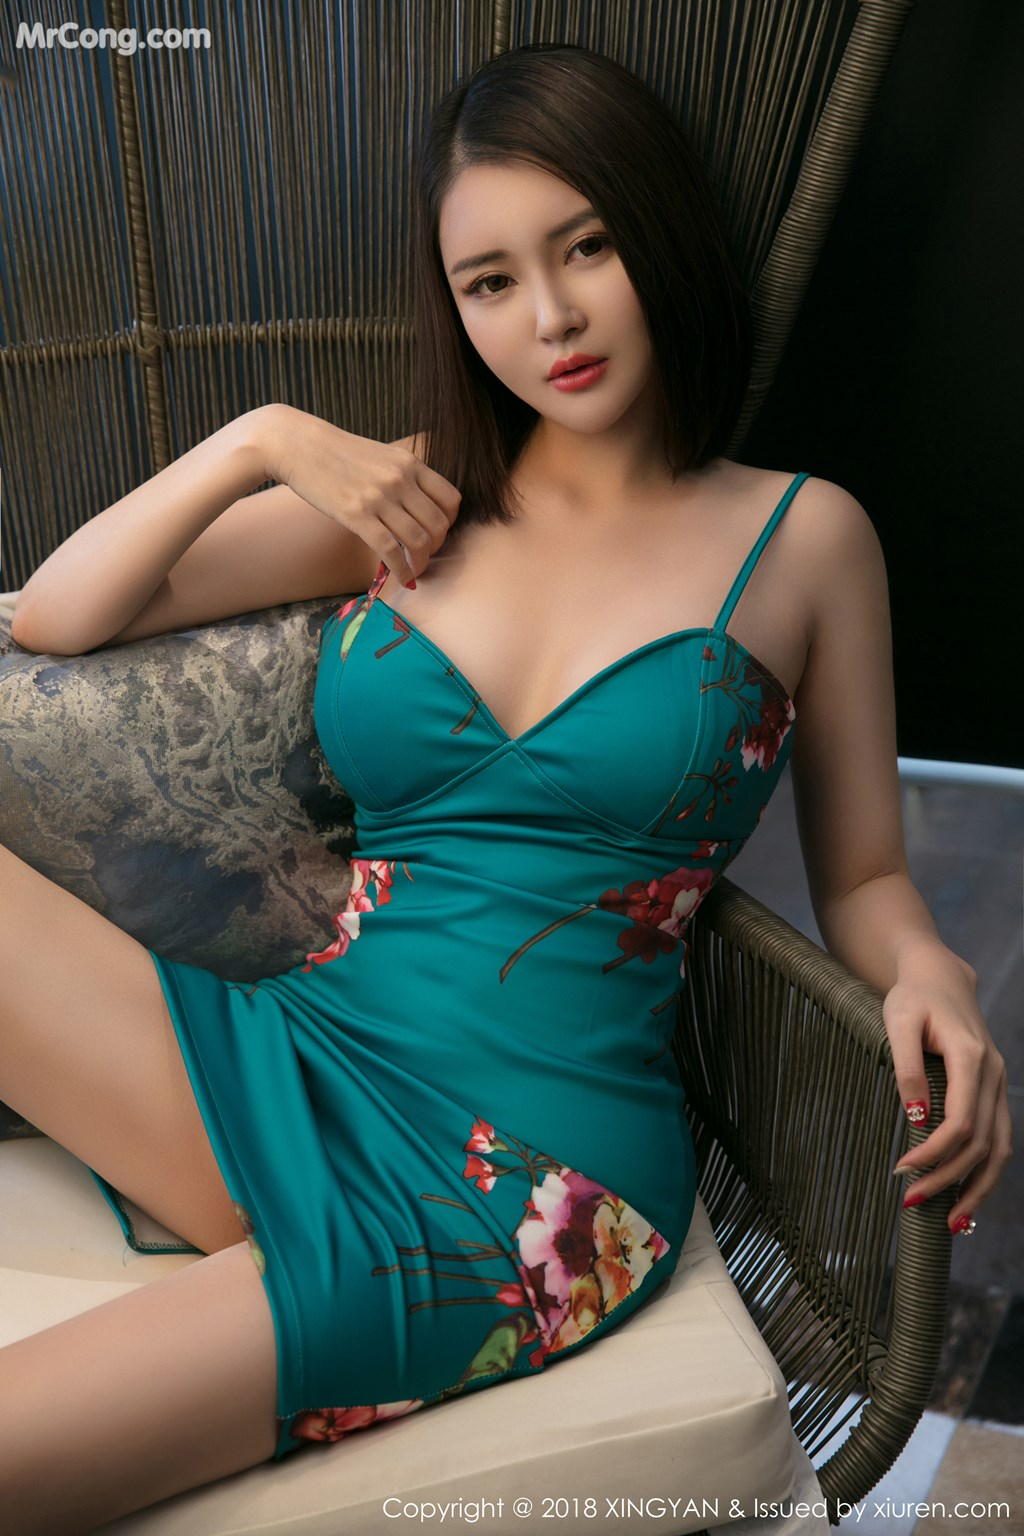 Image XingYan-Vol.028-MrCong.com-040 in post XingYan Vol.028: Người mẫu 廿十 (41 ảnh)